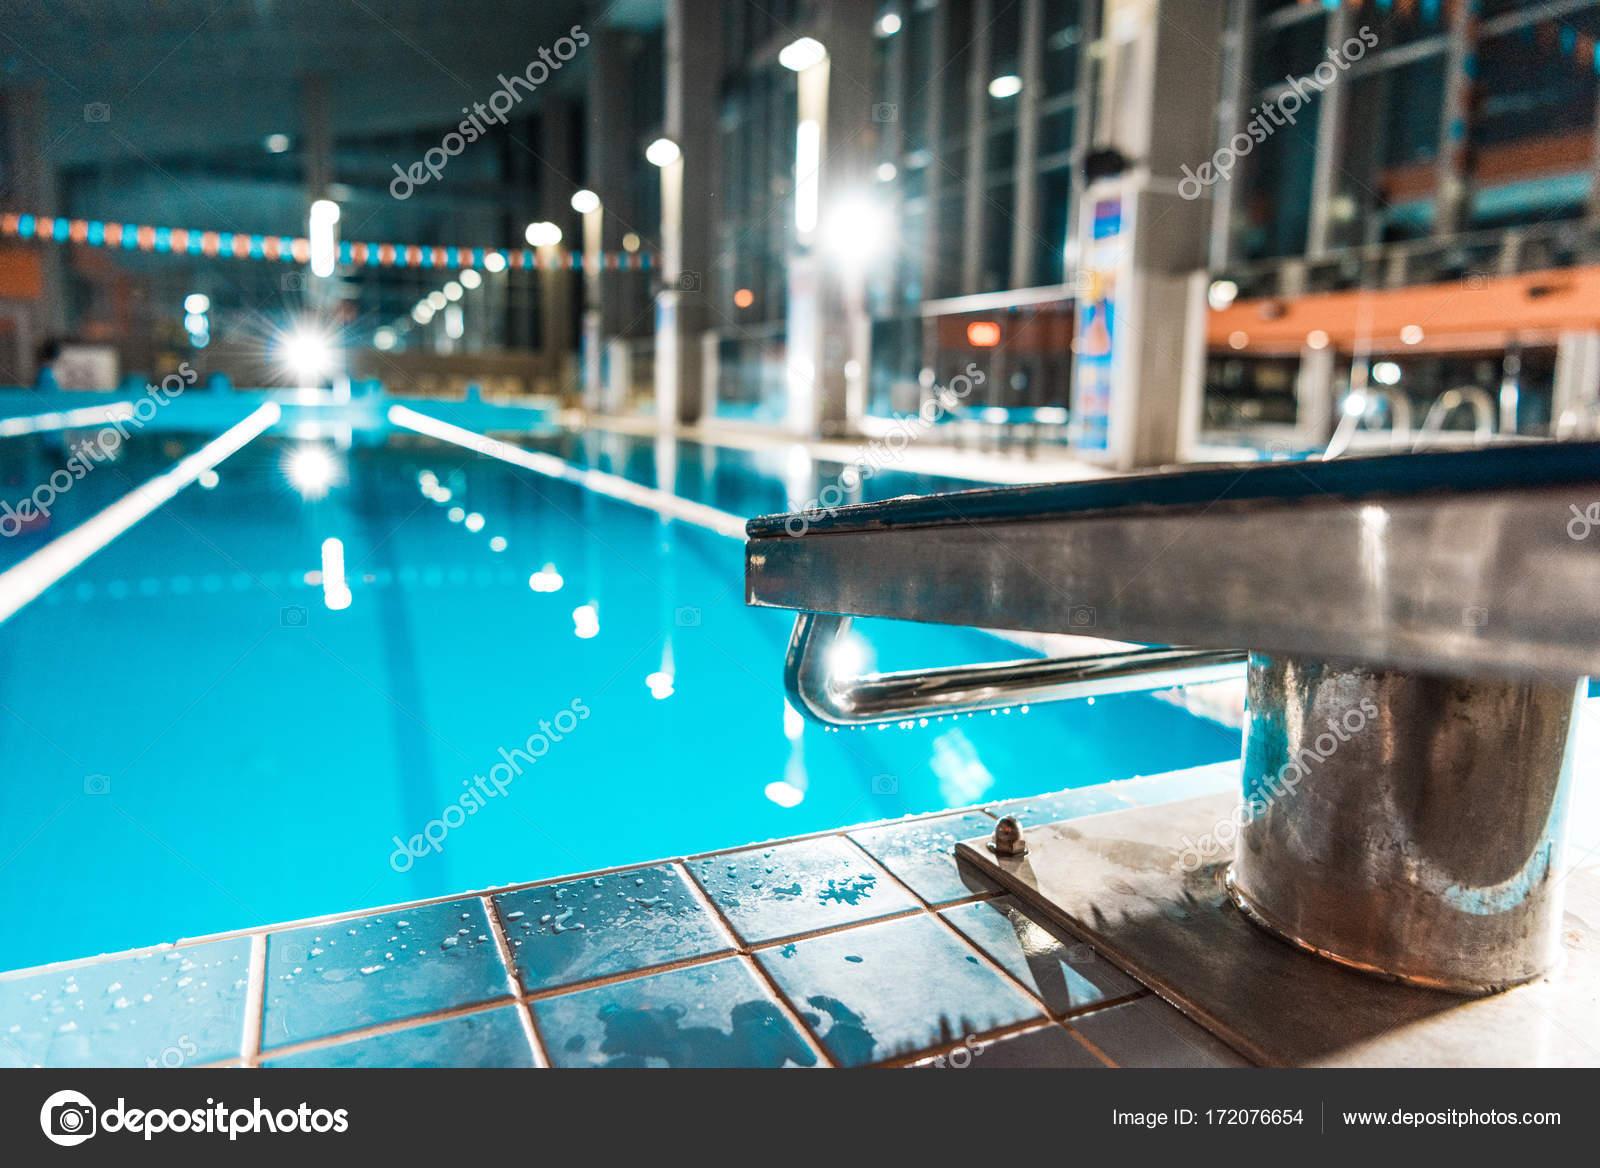 Plongeoir la piscine photographie arturverkhovetskiy for Plongeoir piscine